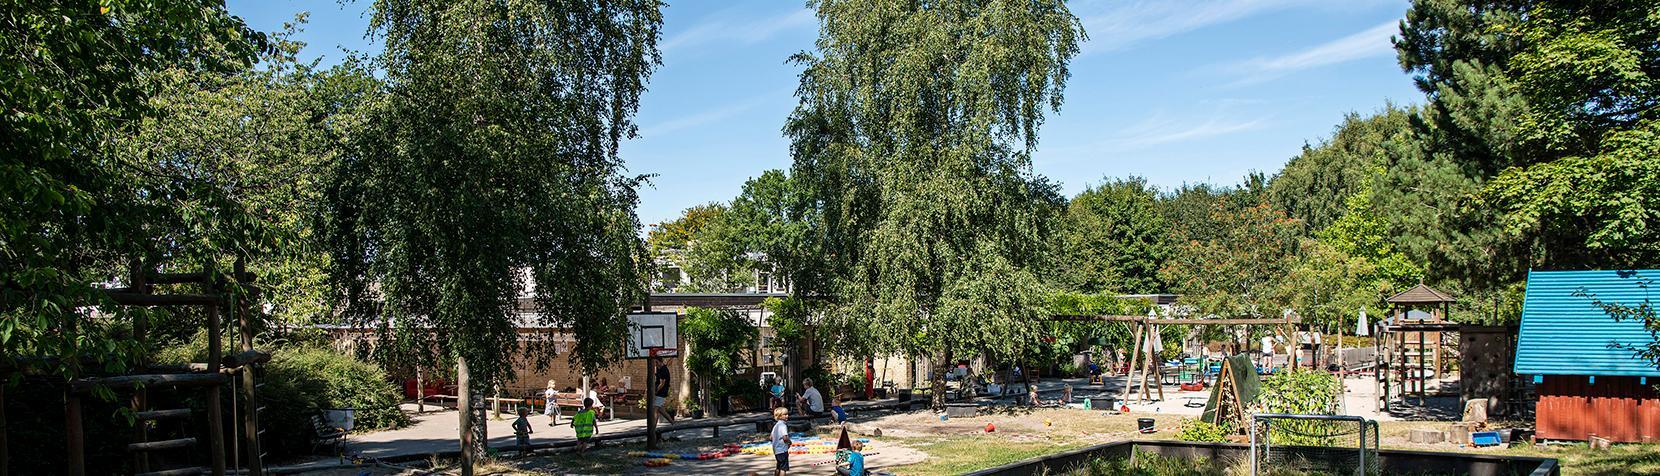 Børnehuset Frederik Clausens Vænge set udefra med legeplads